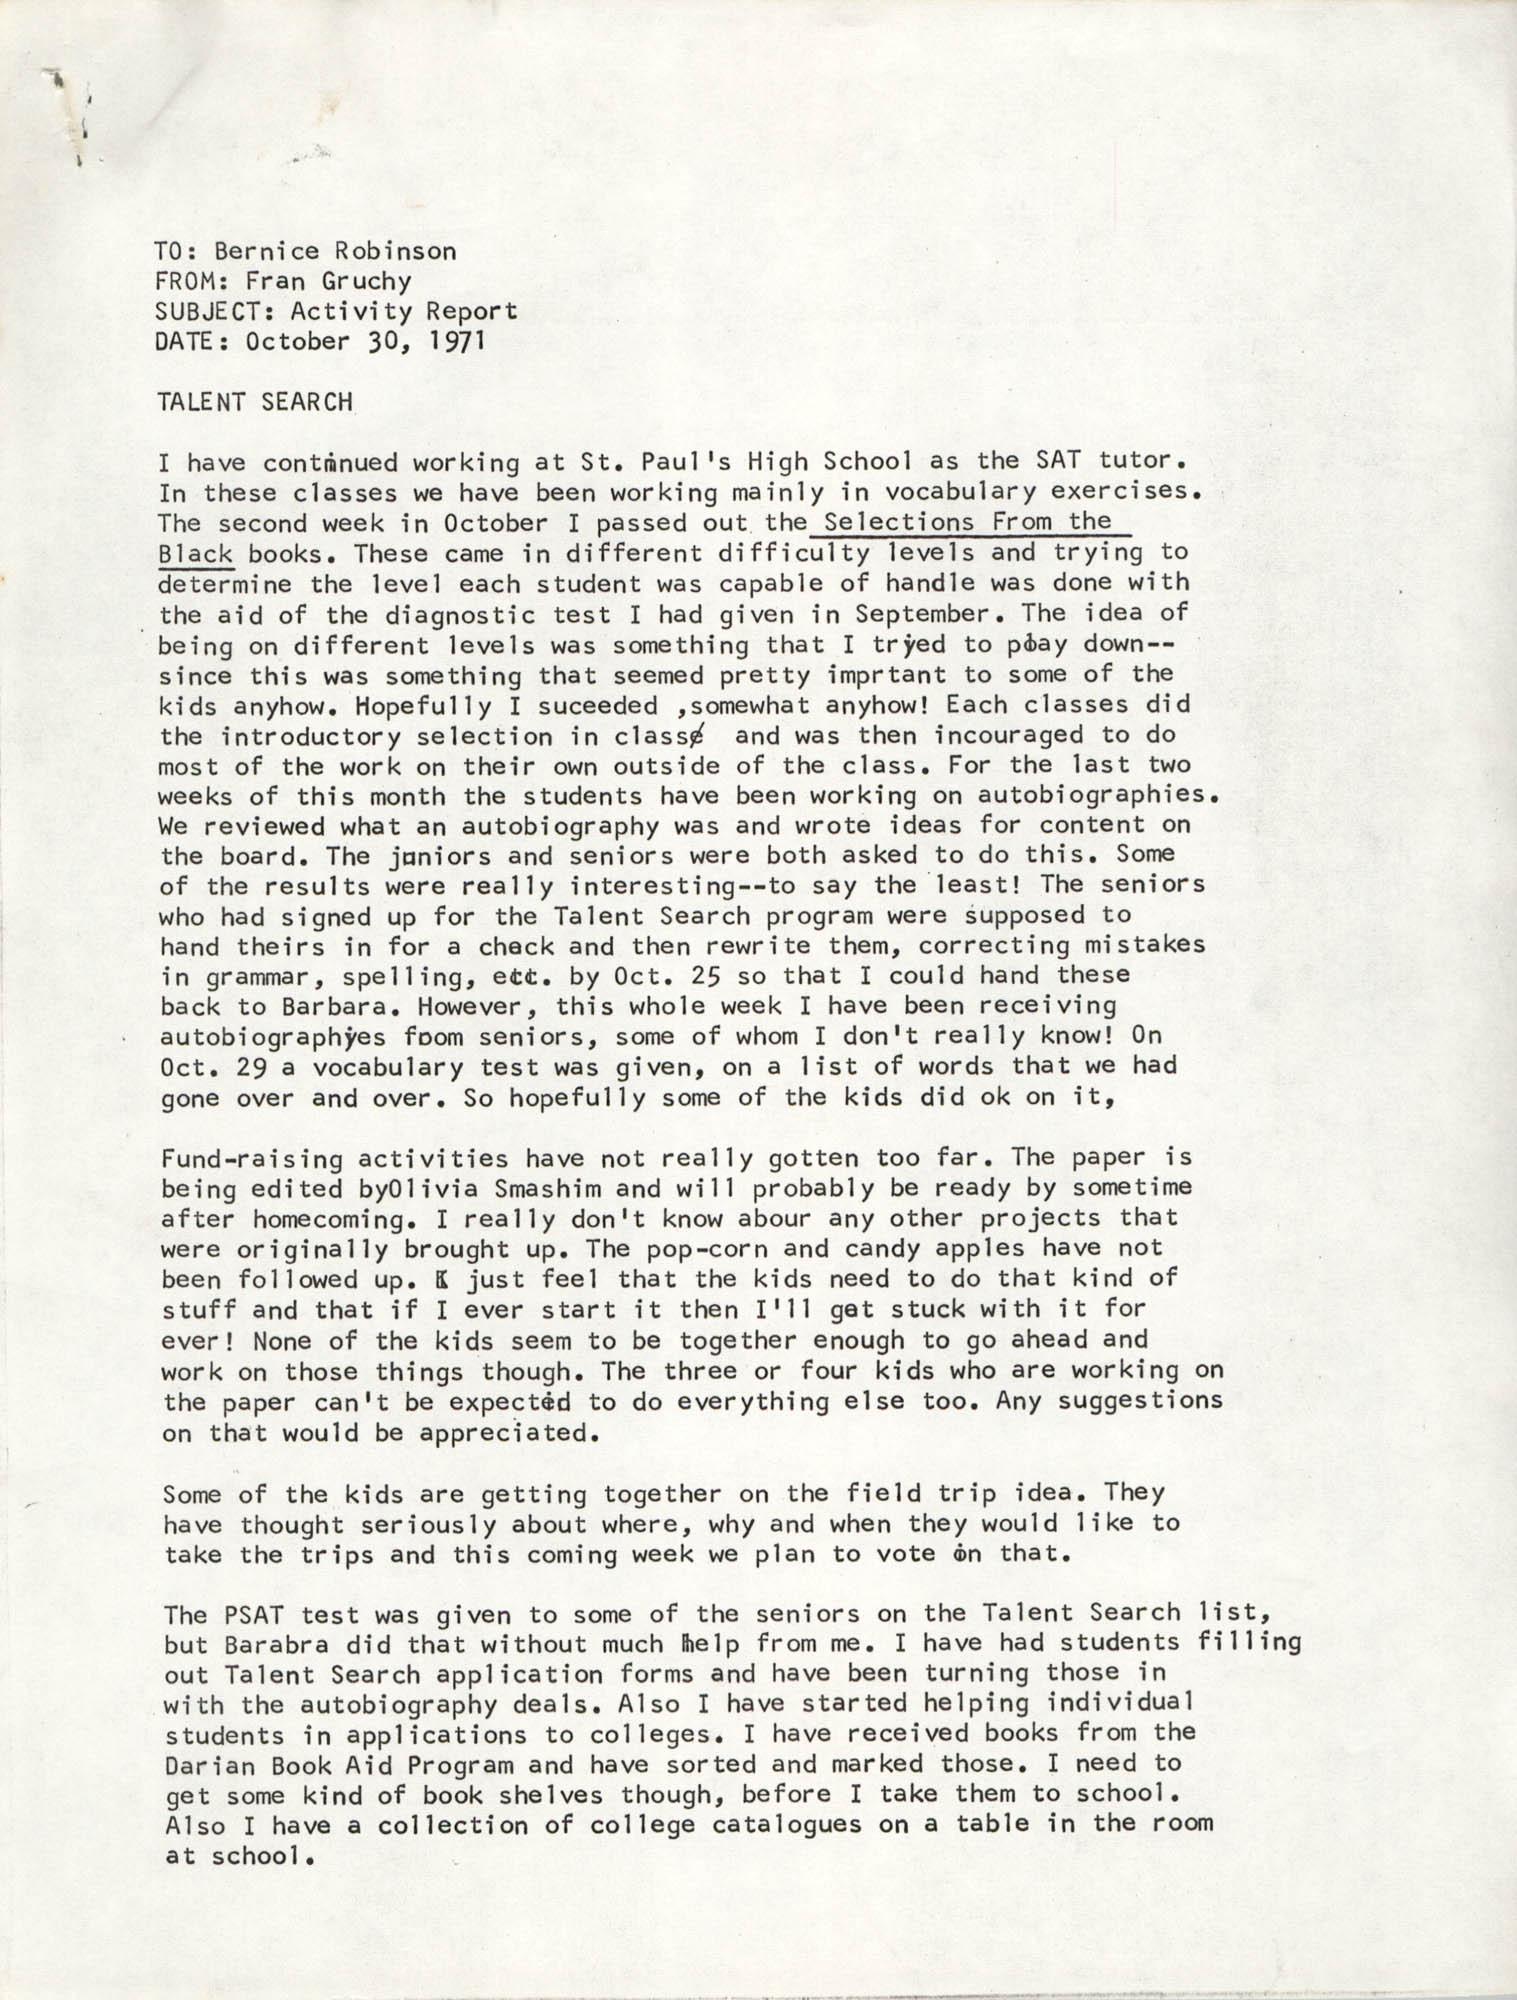 VISTA Progress Report, October 1971